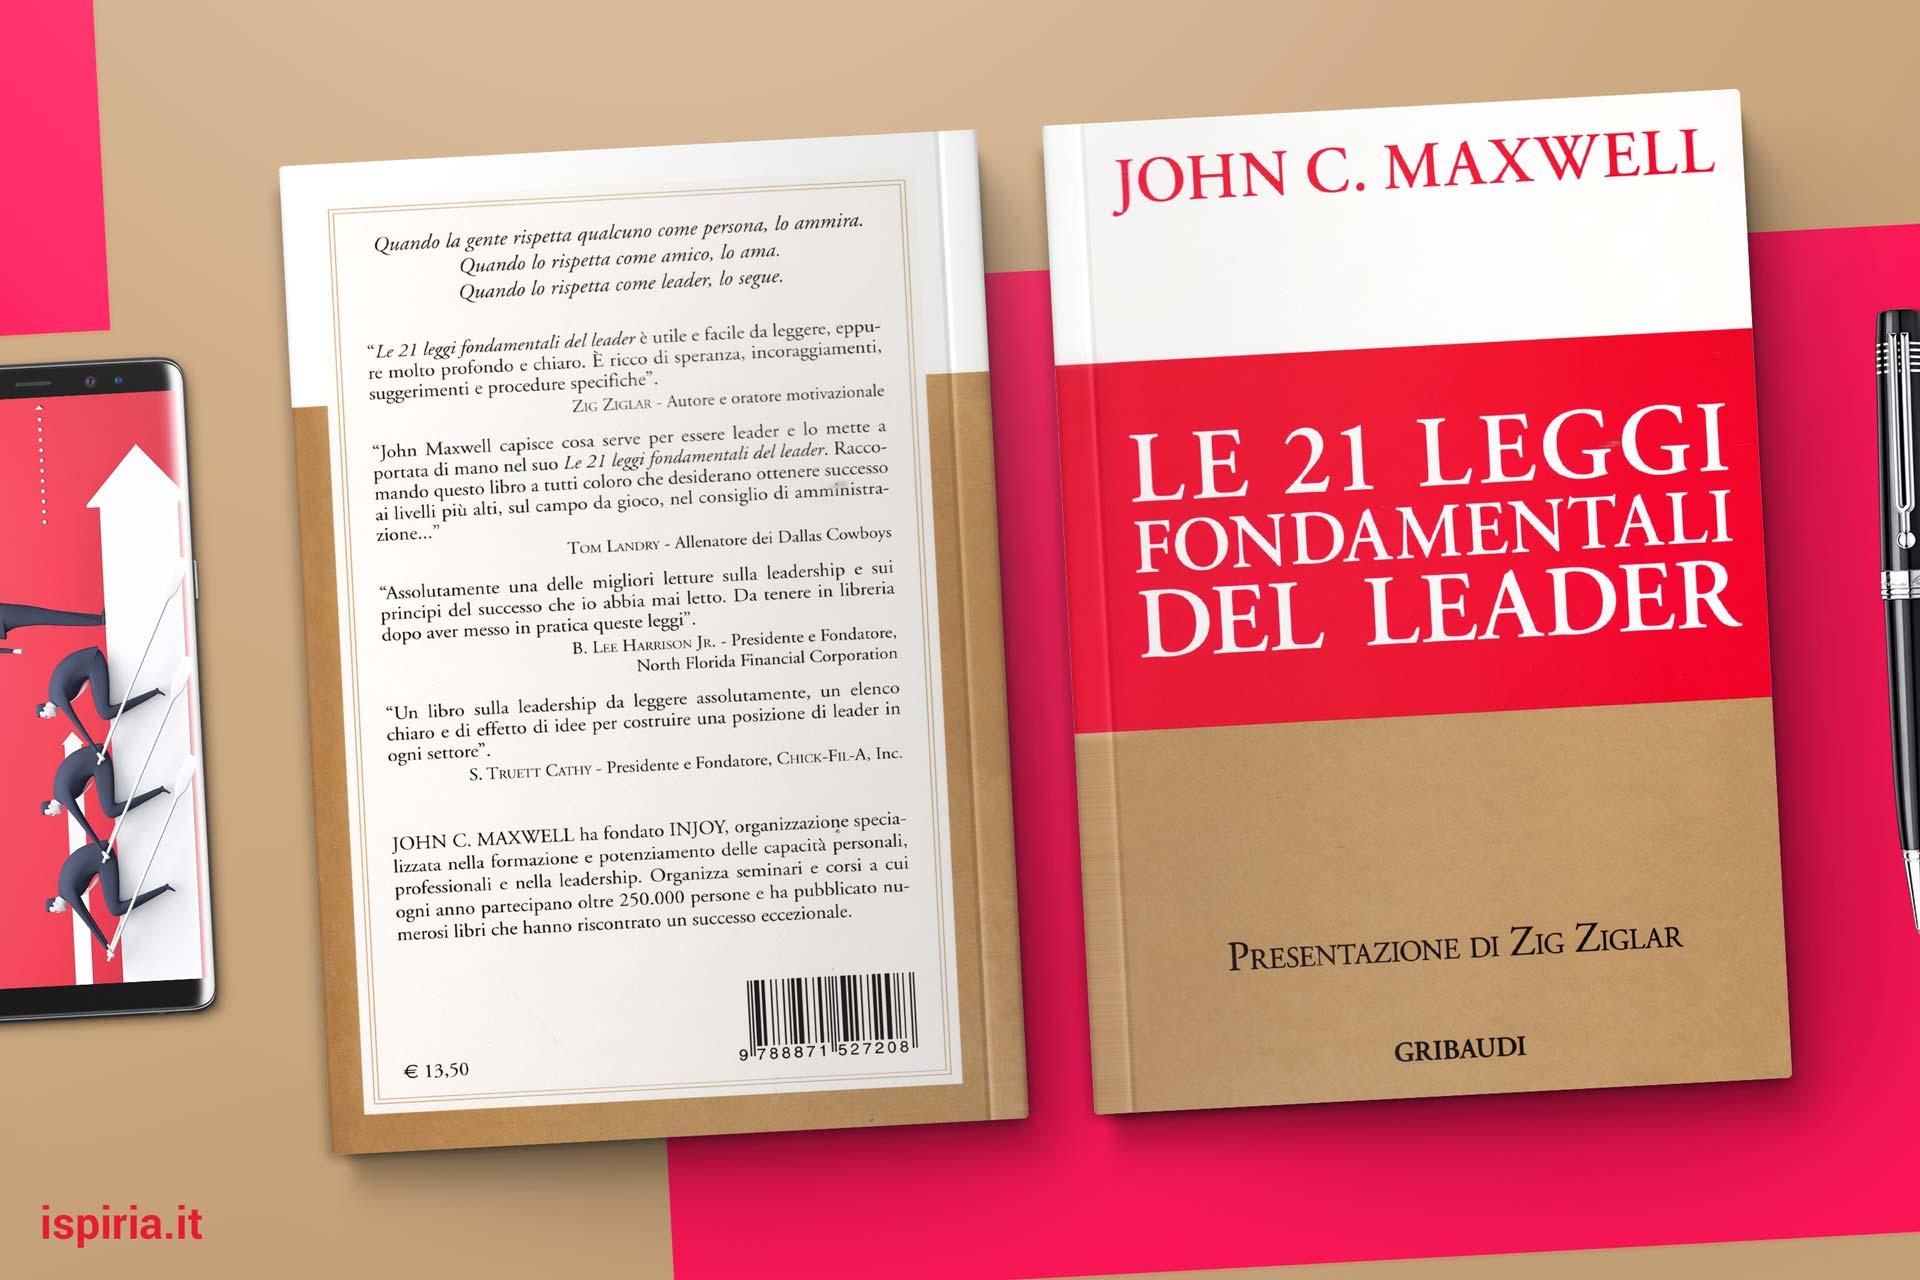 imparare-leadership-migliori-libri-leader